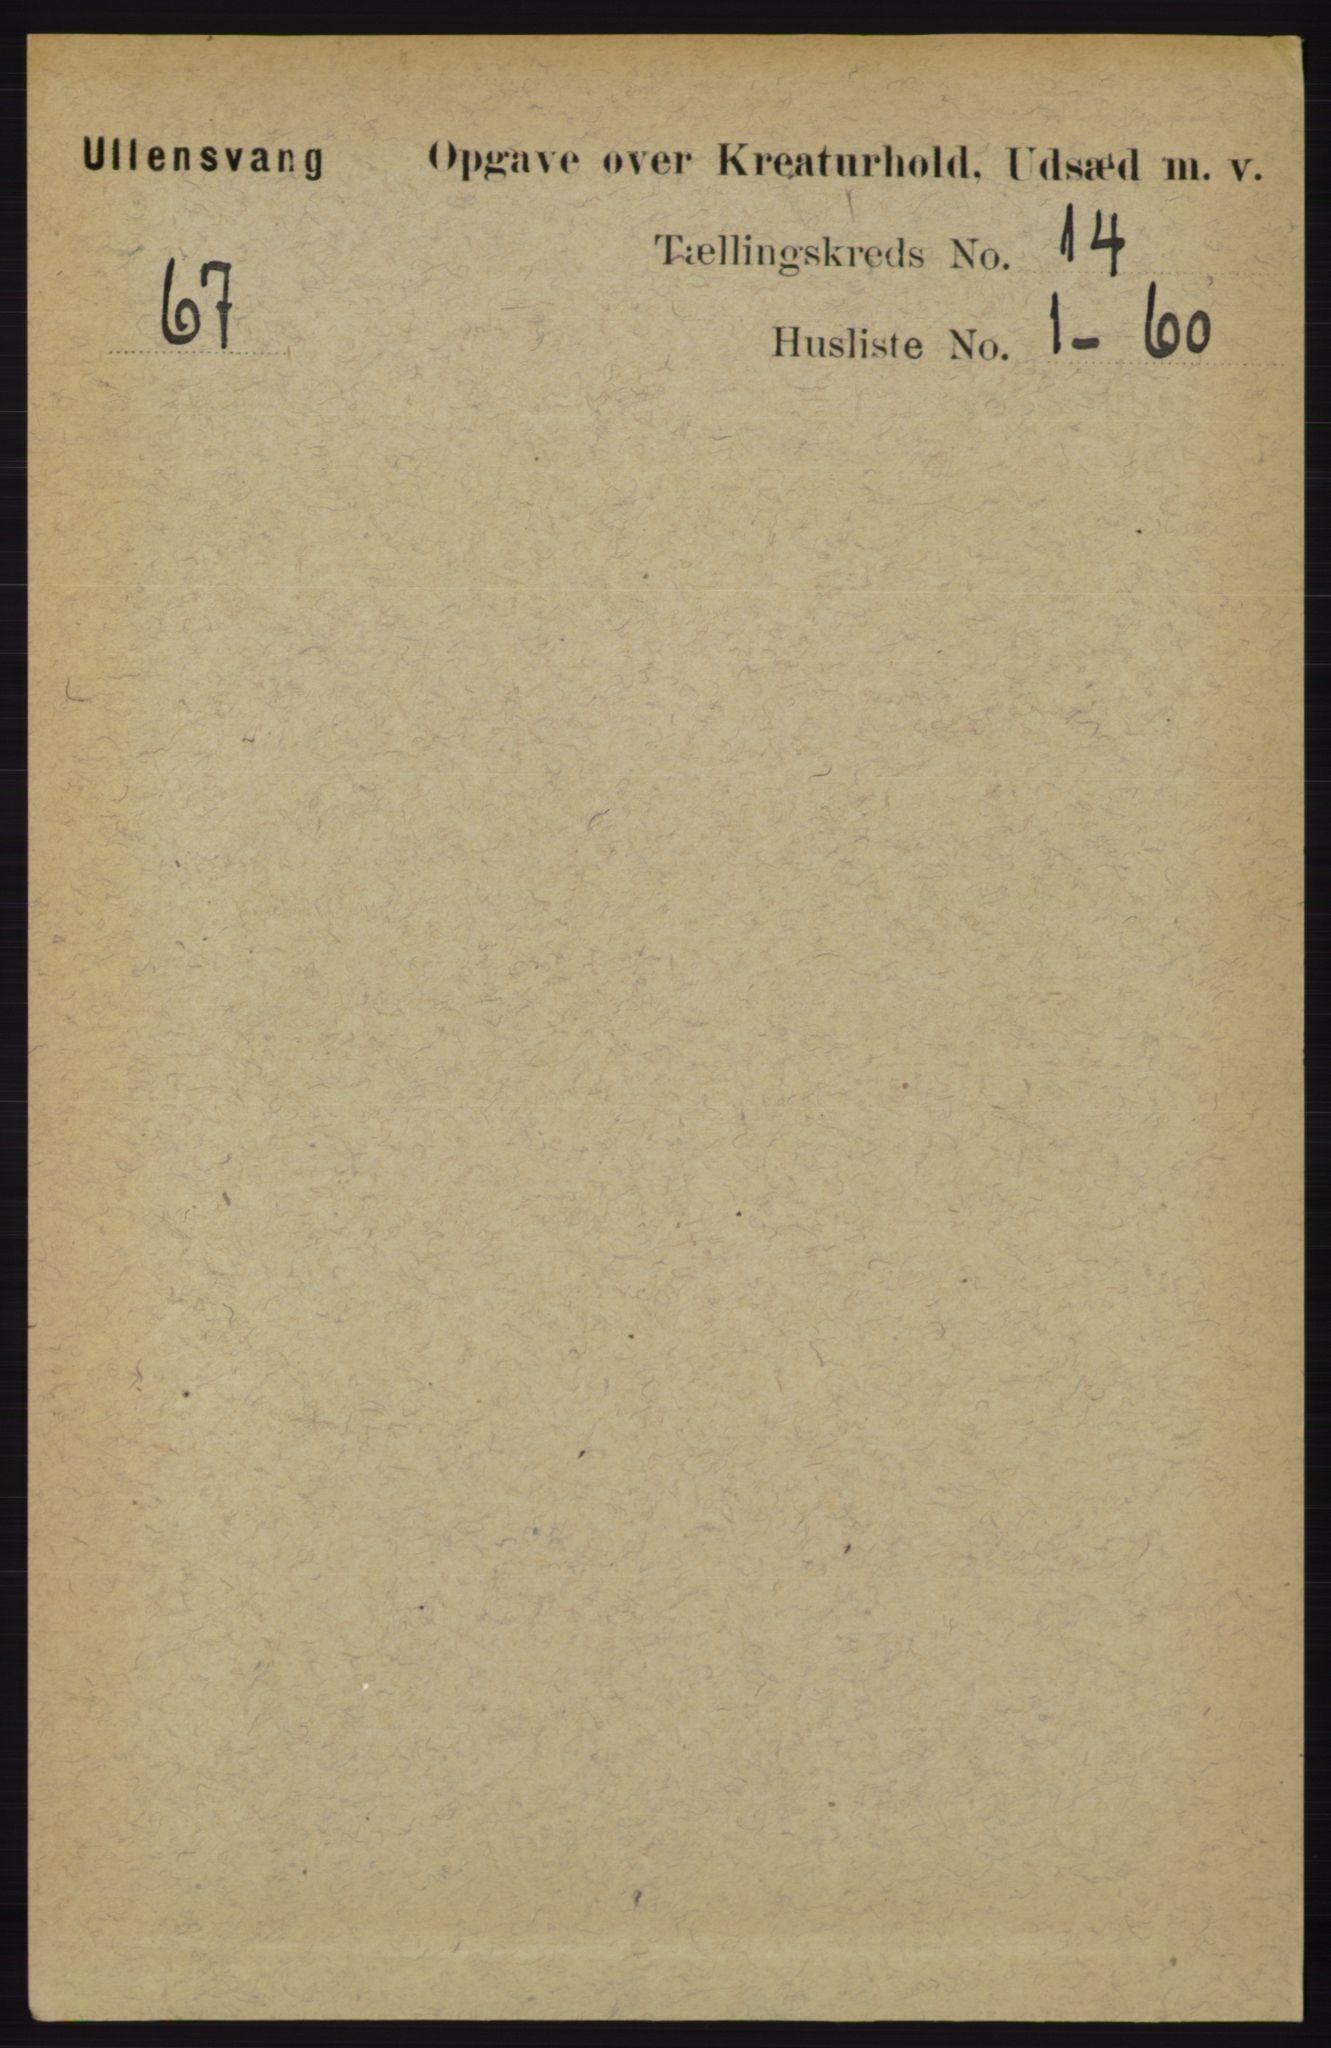 RA, Folketelling 1891 for 1230 Ullensvang herred, 1891, s. 8295